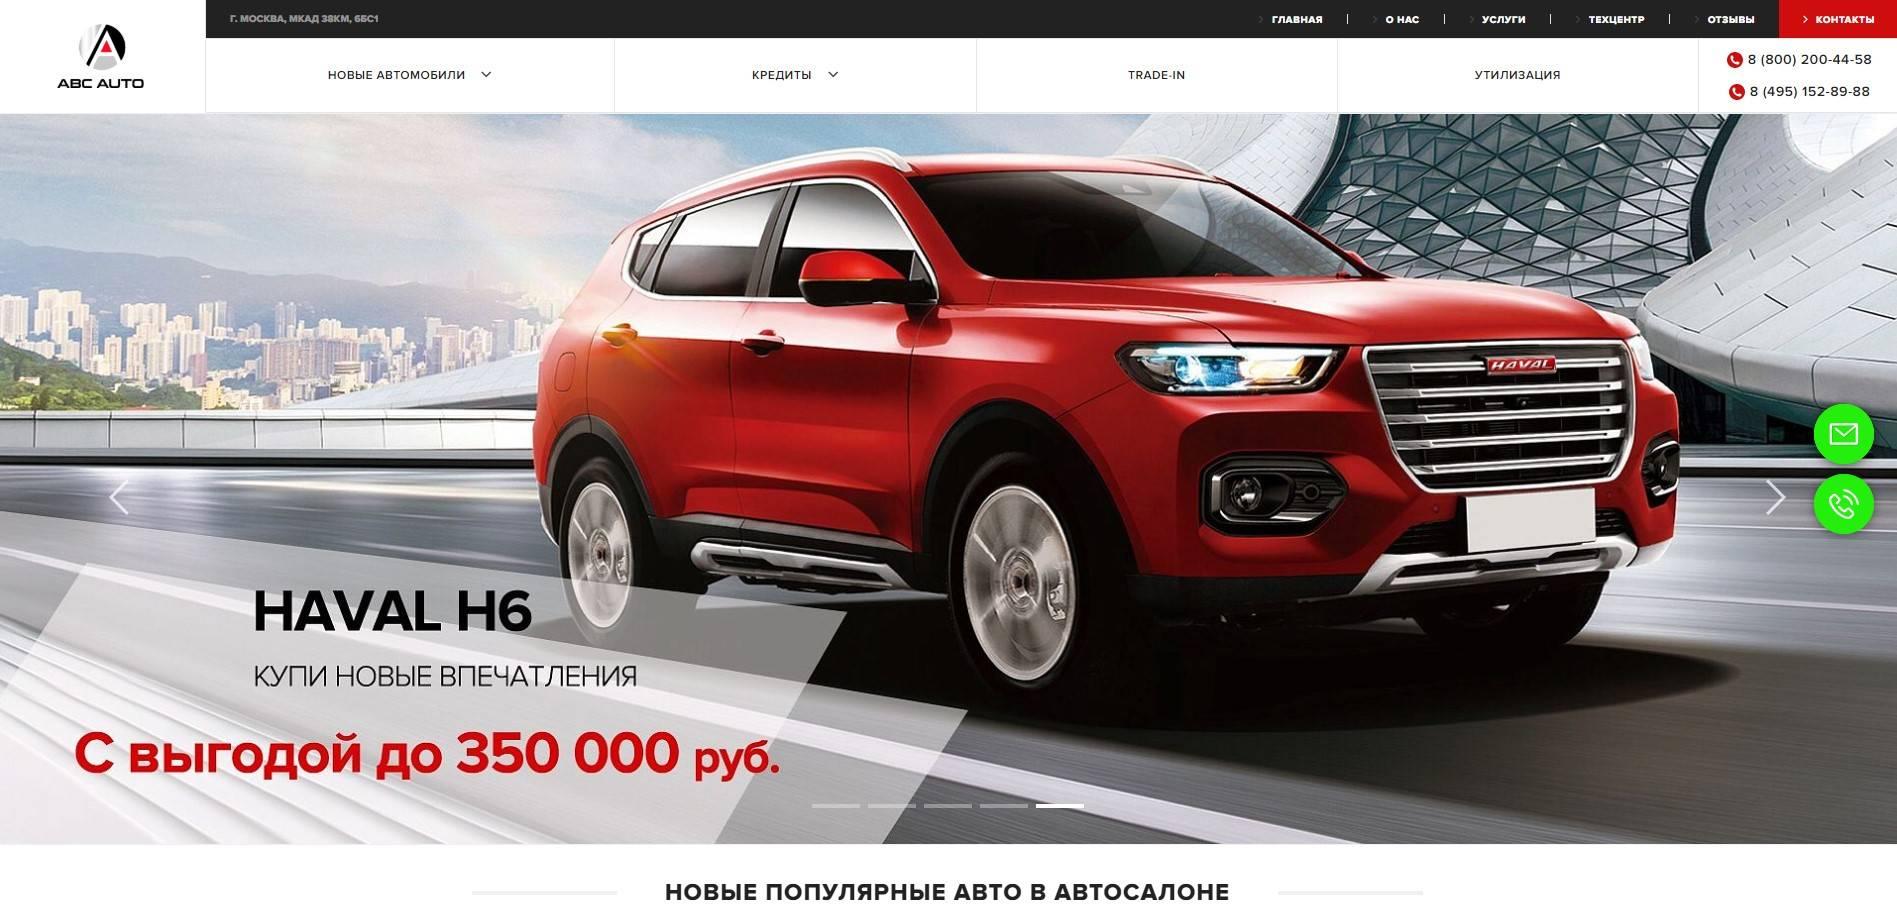 Адреса автосалонов в москве новые автомобили деньги в залог в грозном